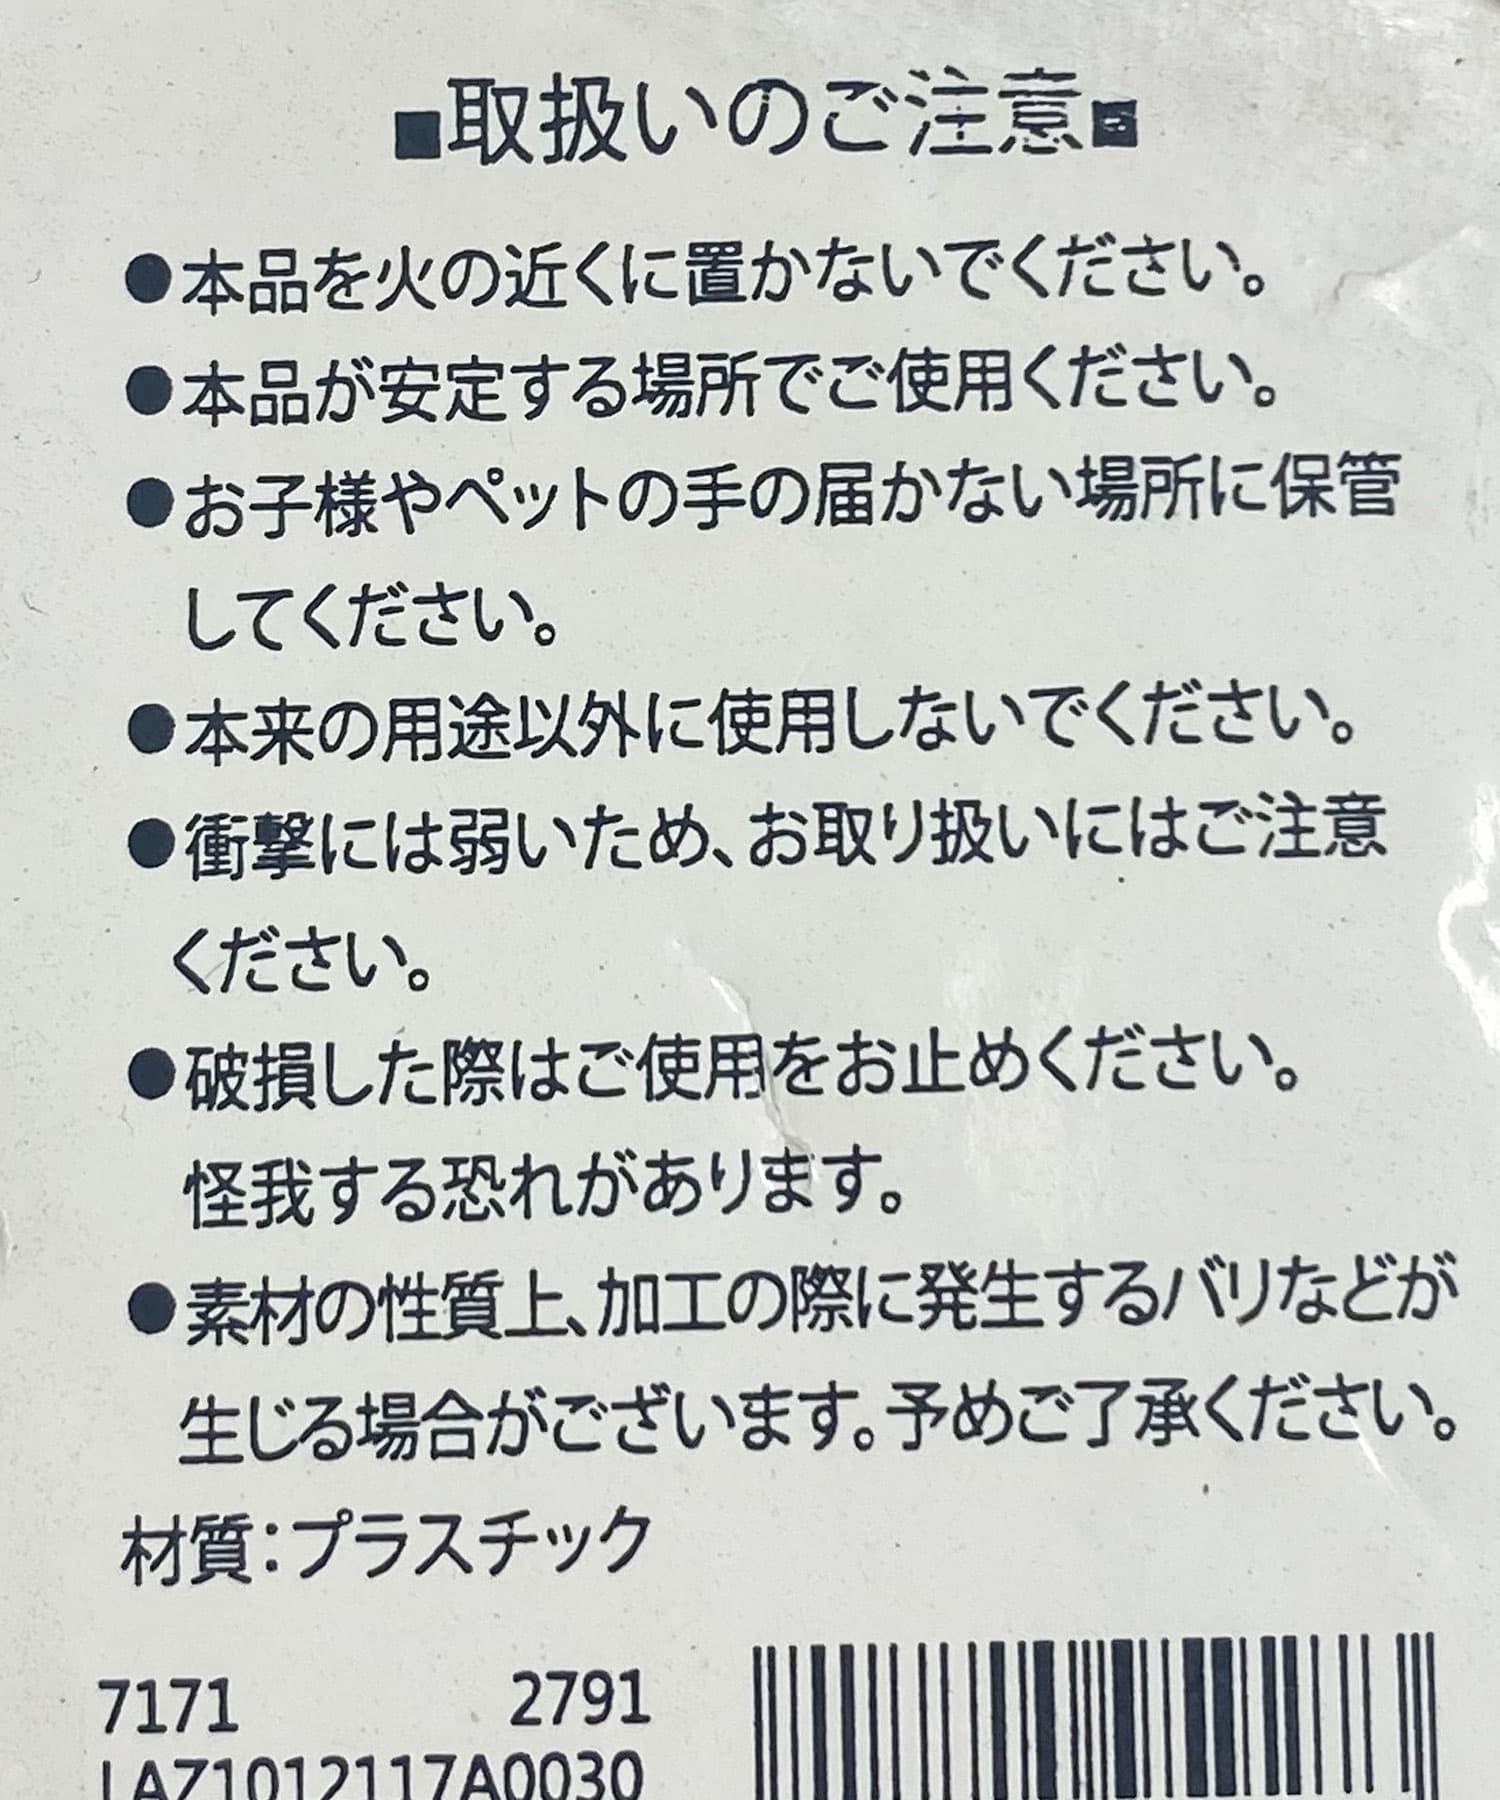 Lattice(ラティス) 【魅せる収納♡】クリアアクセサリースタンド